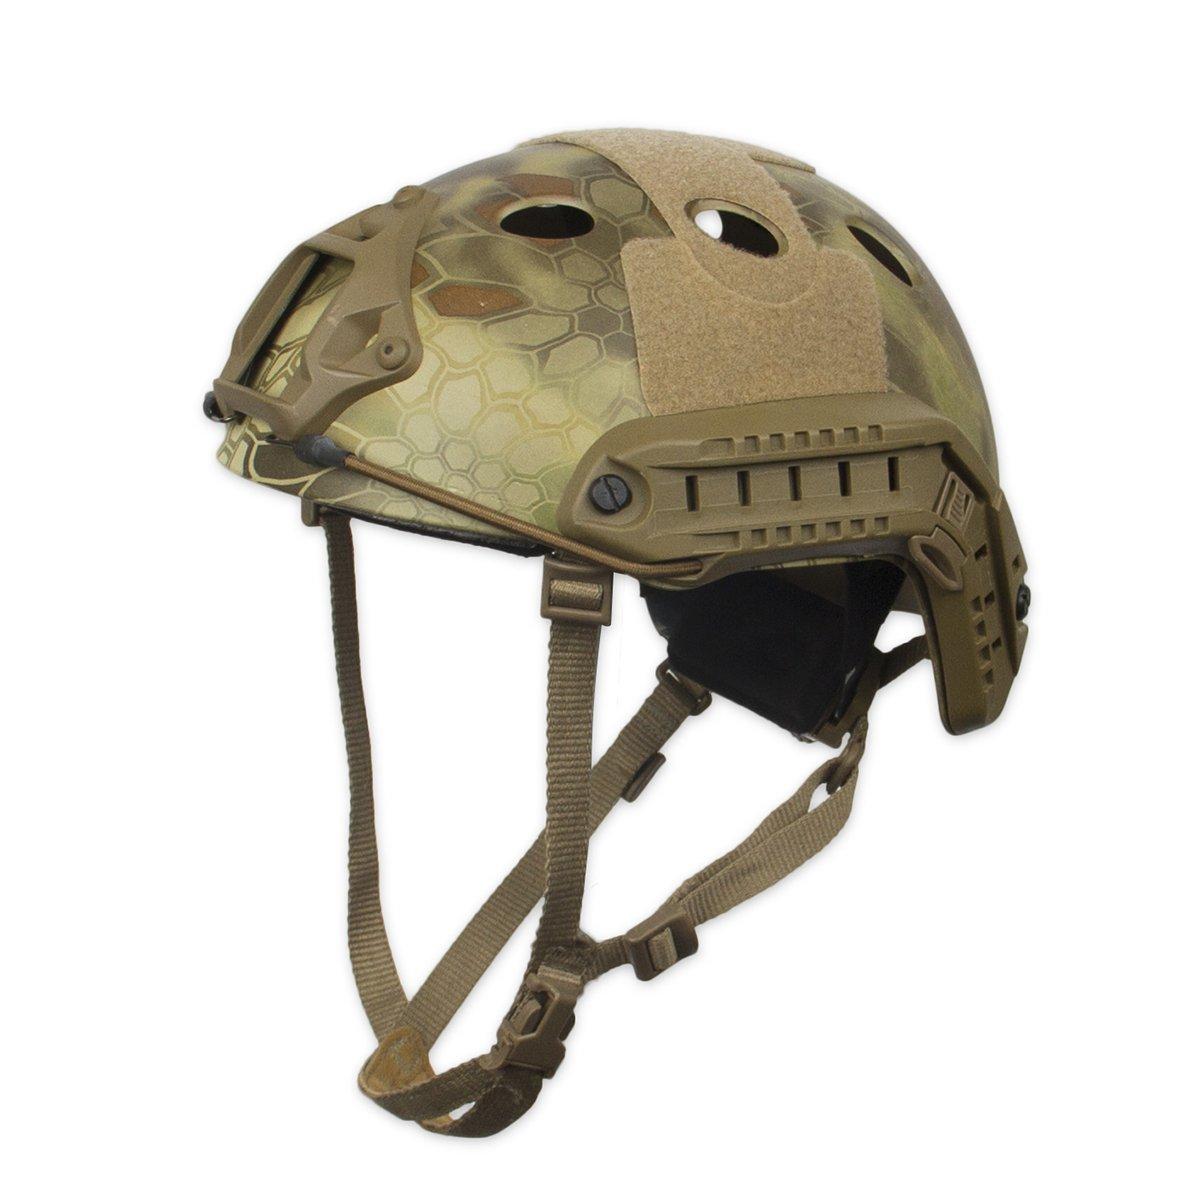 Tactical Bump Helmet Non Ballistic Mtgtactical Com